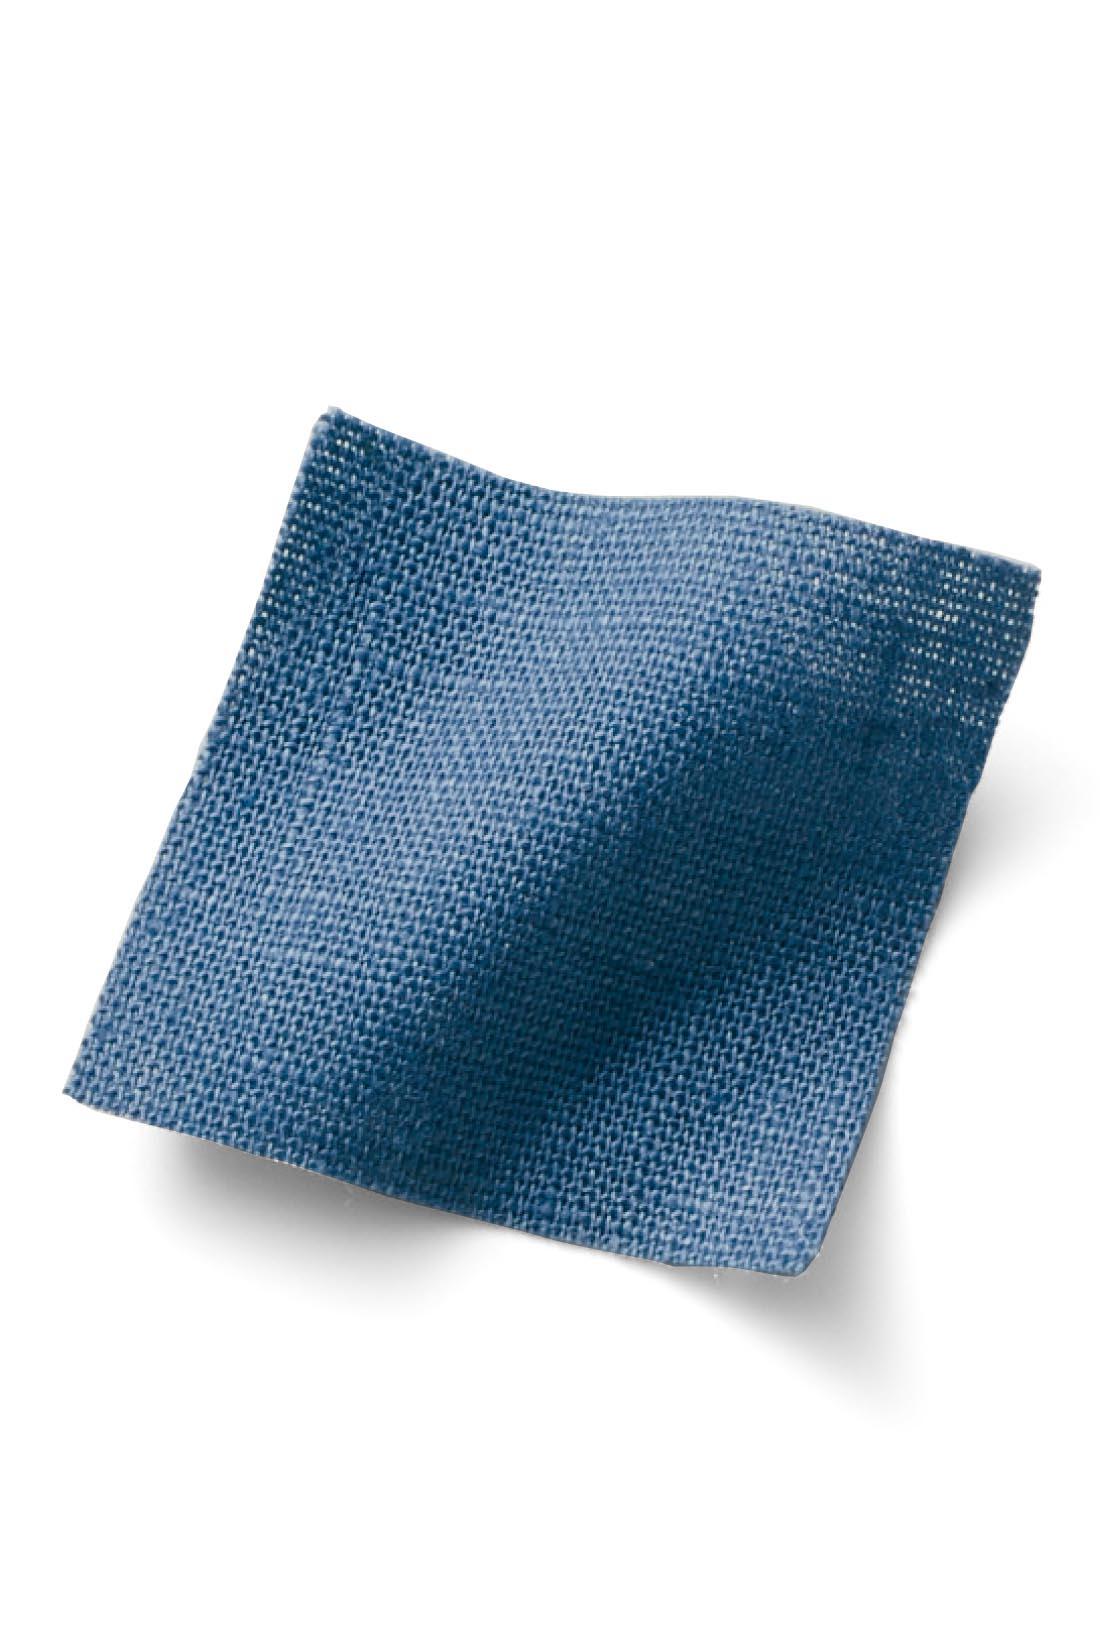 【コットンリネン】 肌心地涼やか。洗いざらしを大人っぽく楽しめる天然素材です。